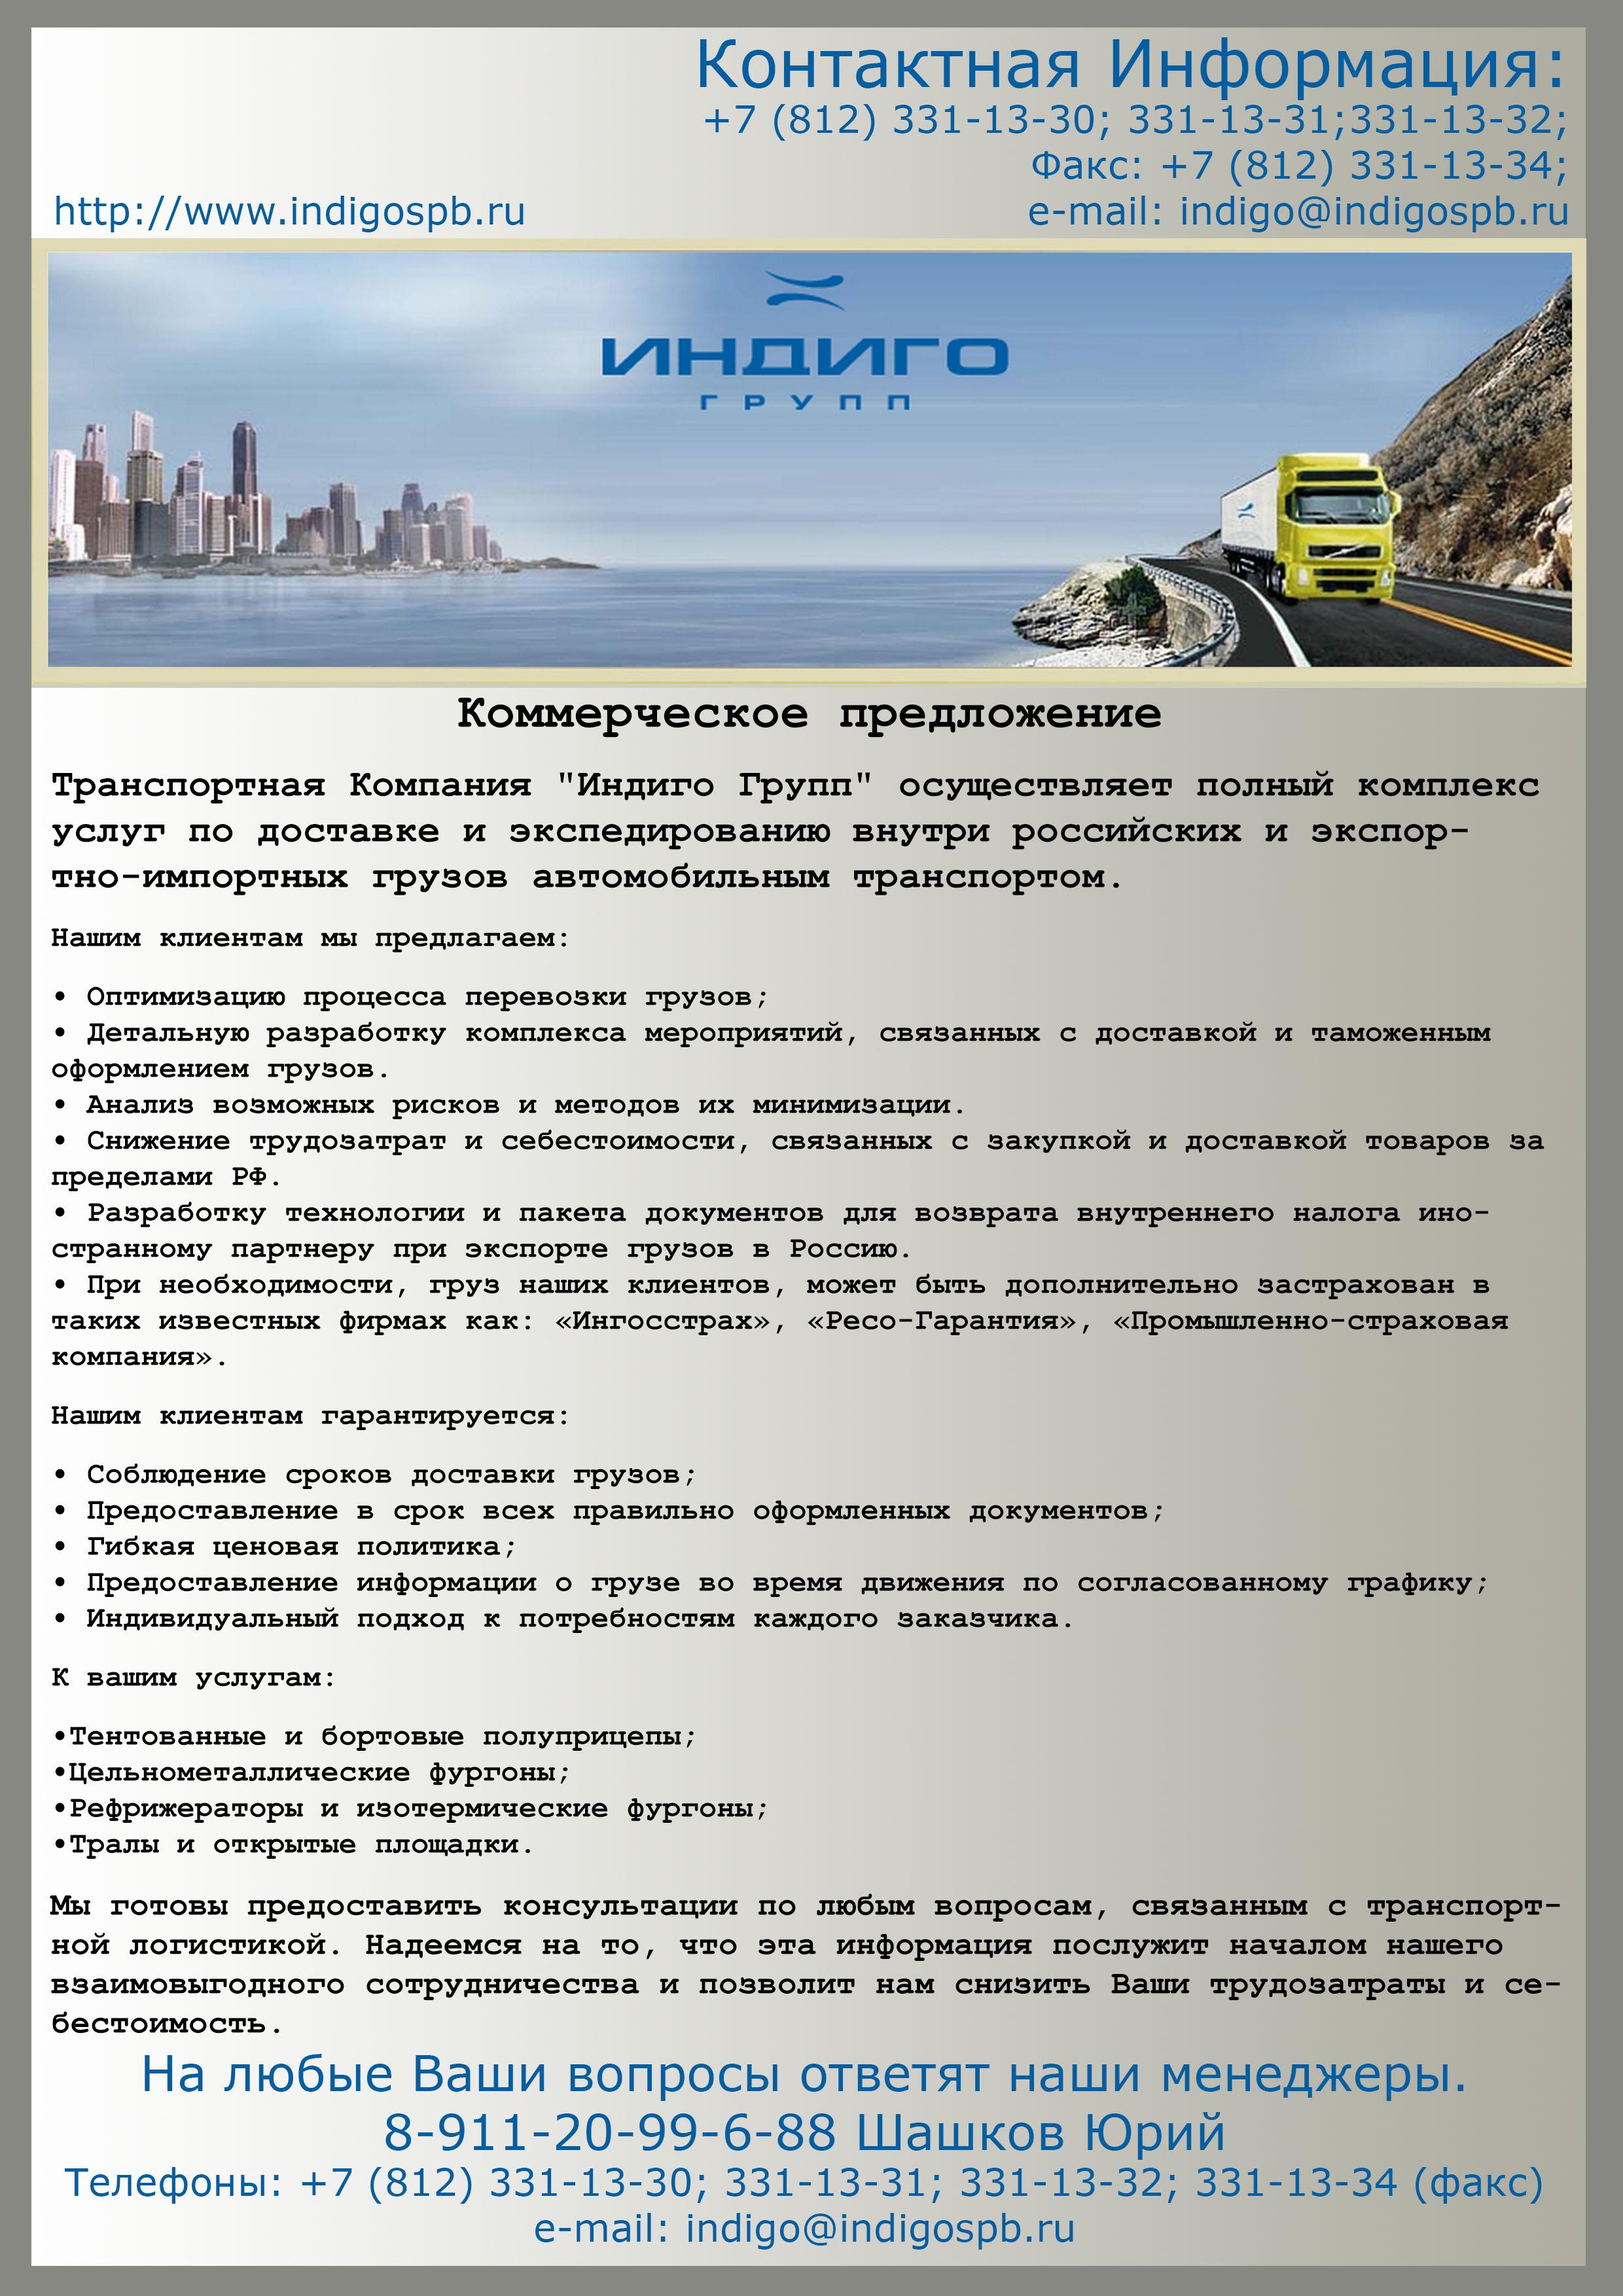 Как сделать коммерческое предложение на транспортные услуги